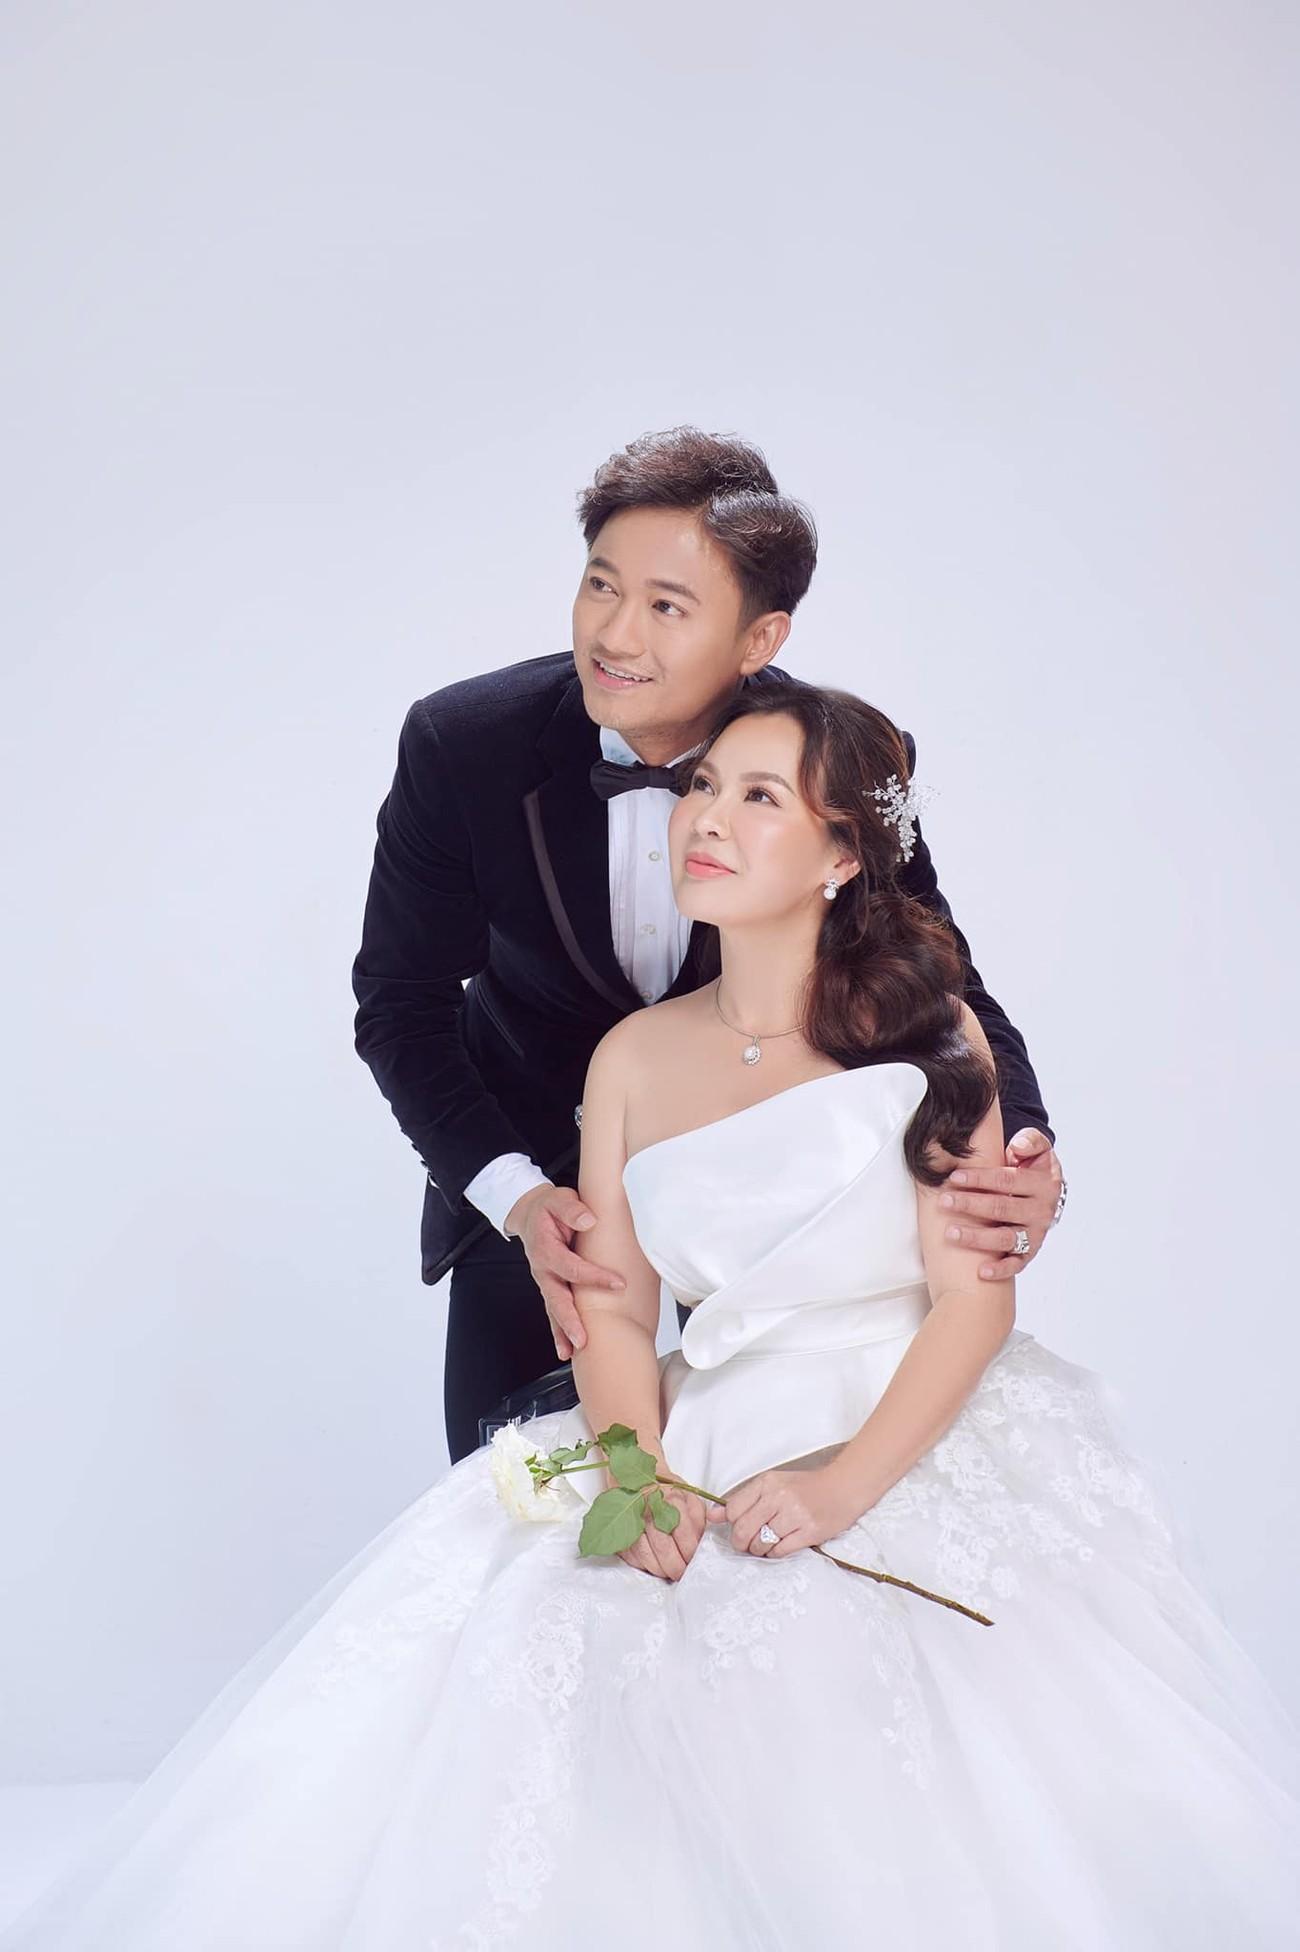 Hé lộ thêm ảnh cưới của Quý Bình, vợ doanh nhân cực trẻ trung và xinh đẹp ảnh 1